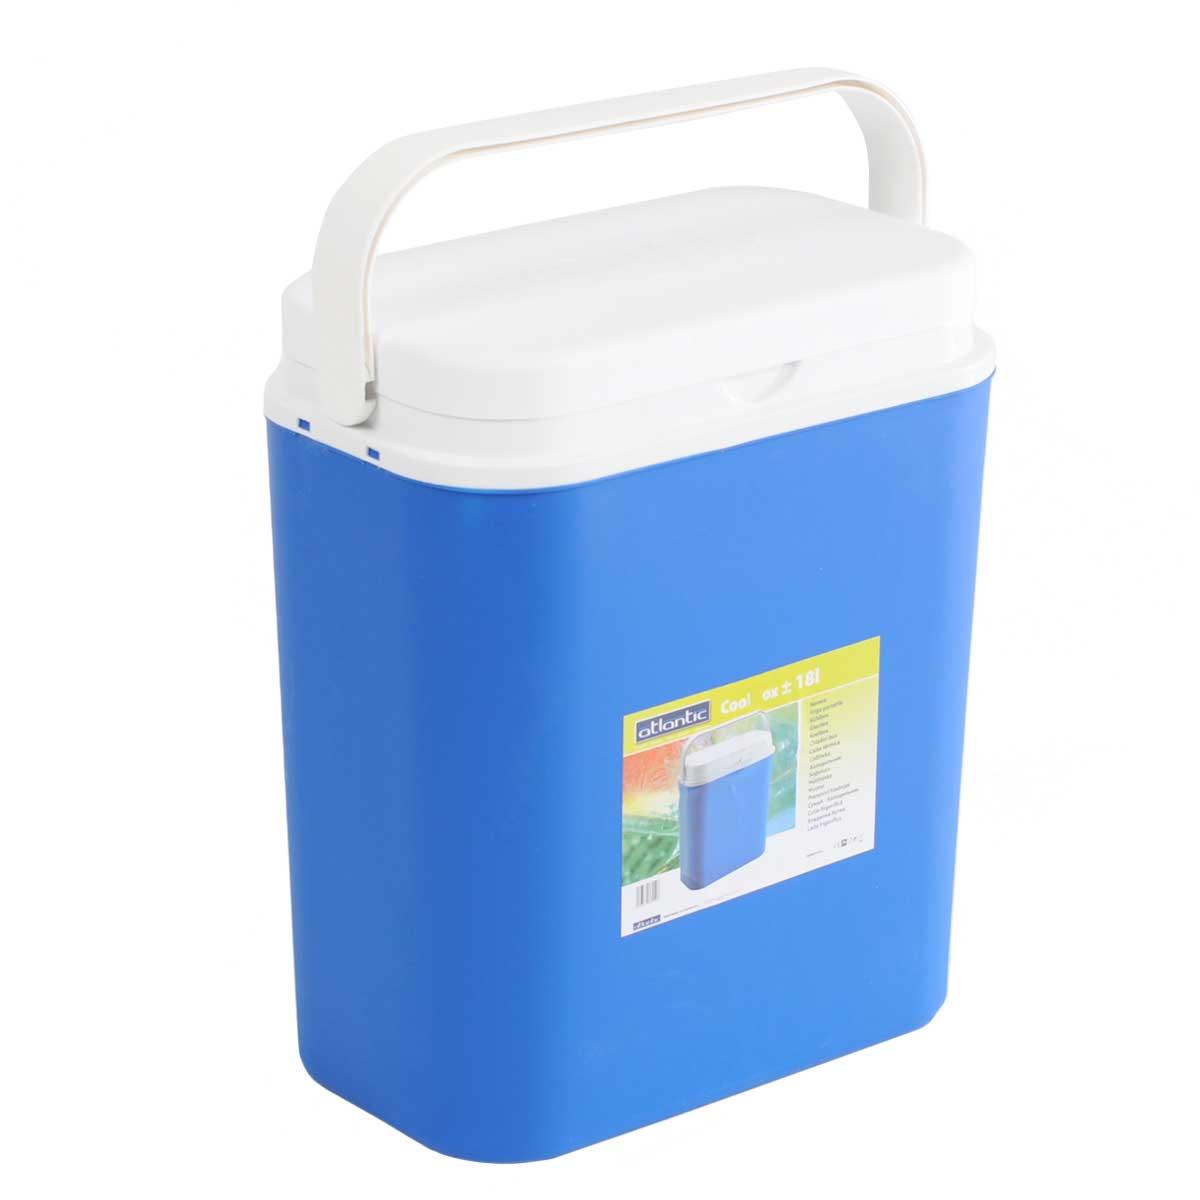 Контейнер изотермический Atlantic  Cool Box , цвет: синий, 18 л -  Товары для барбекю и пикника